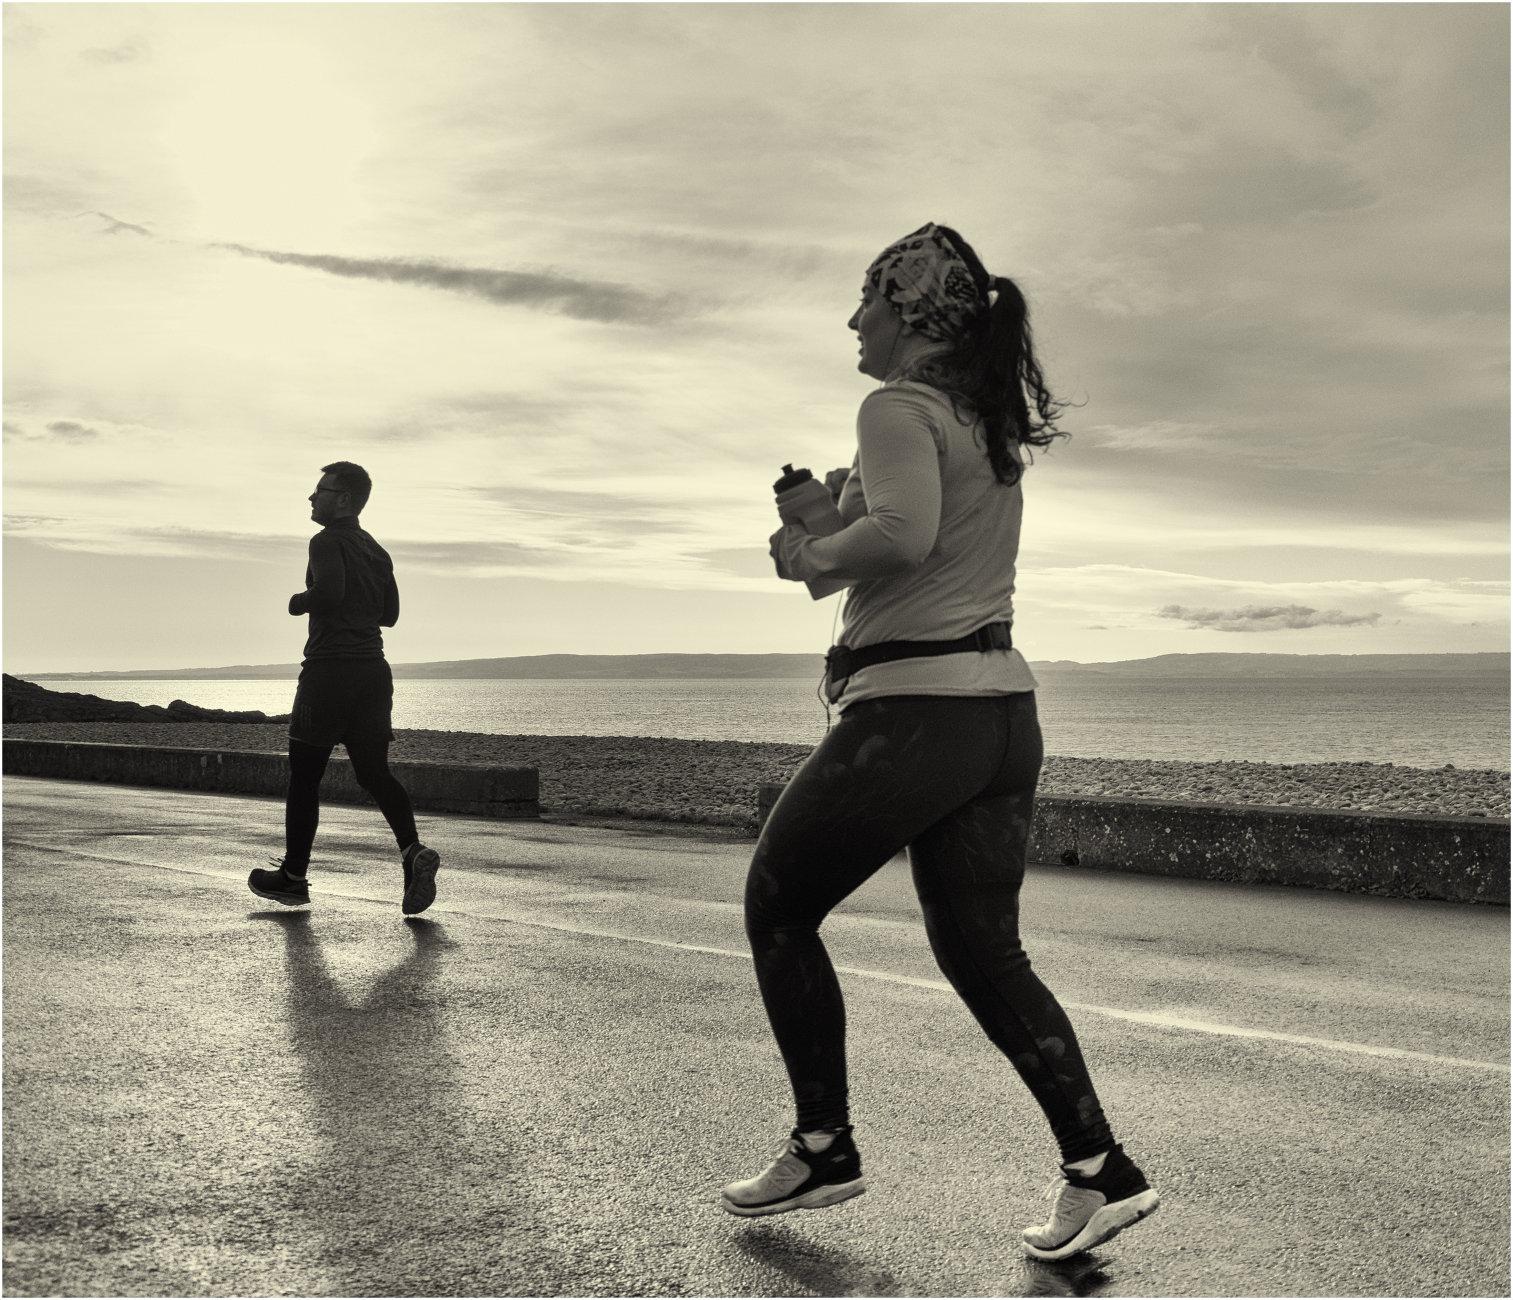 On the run.